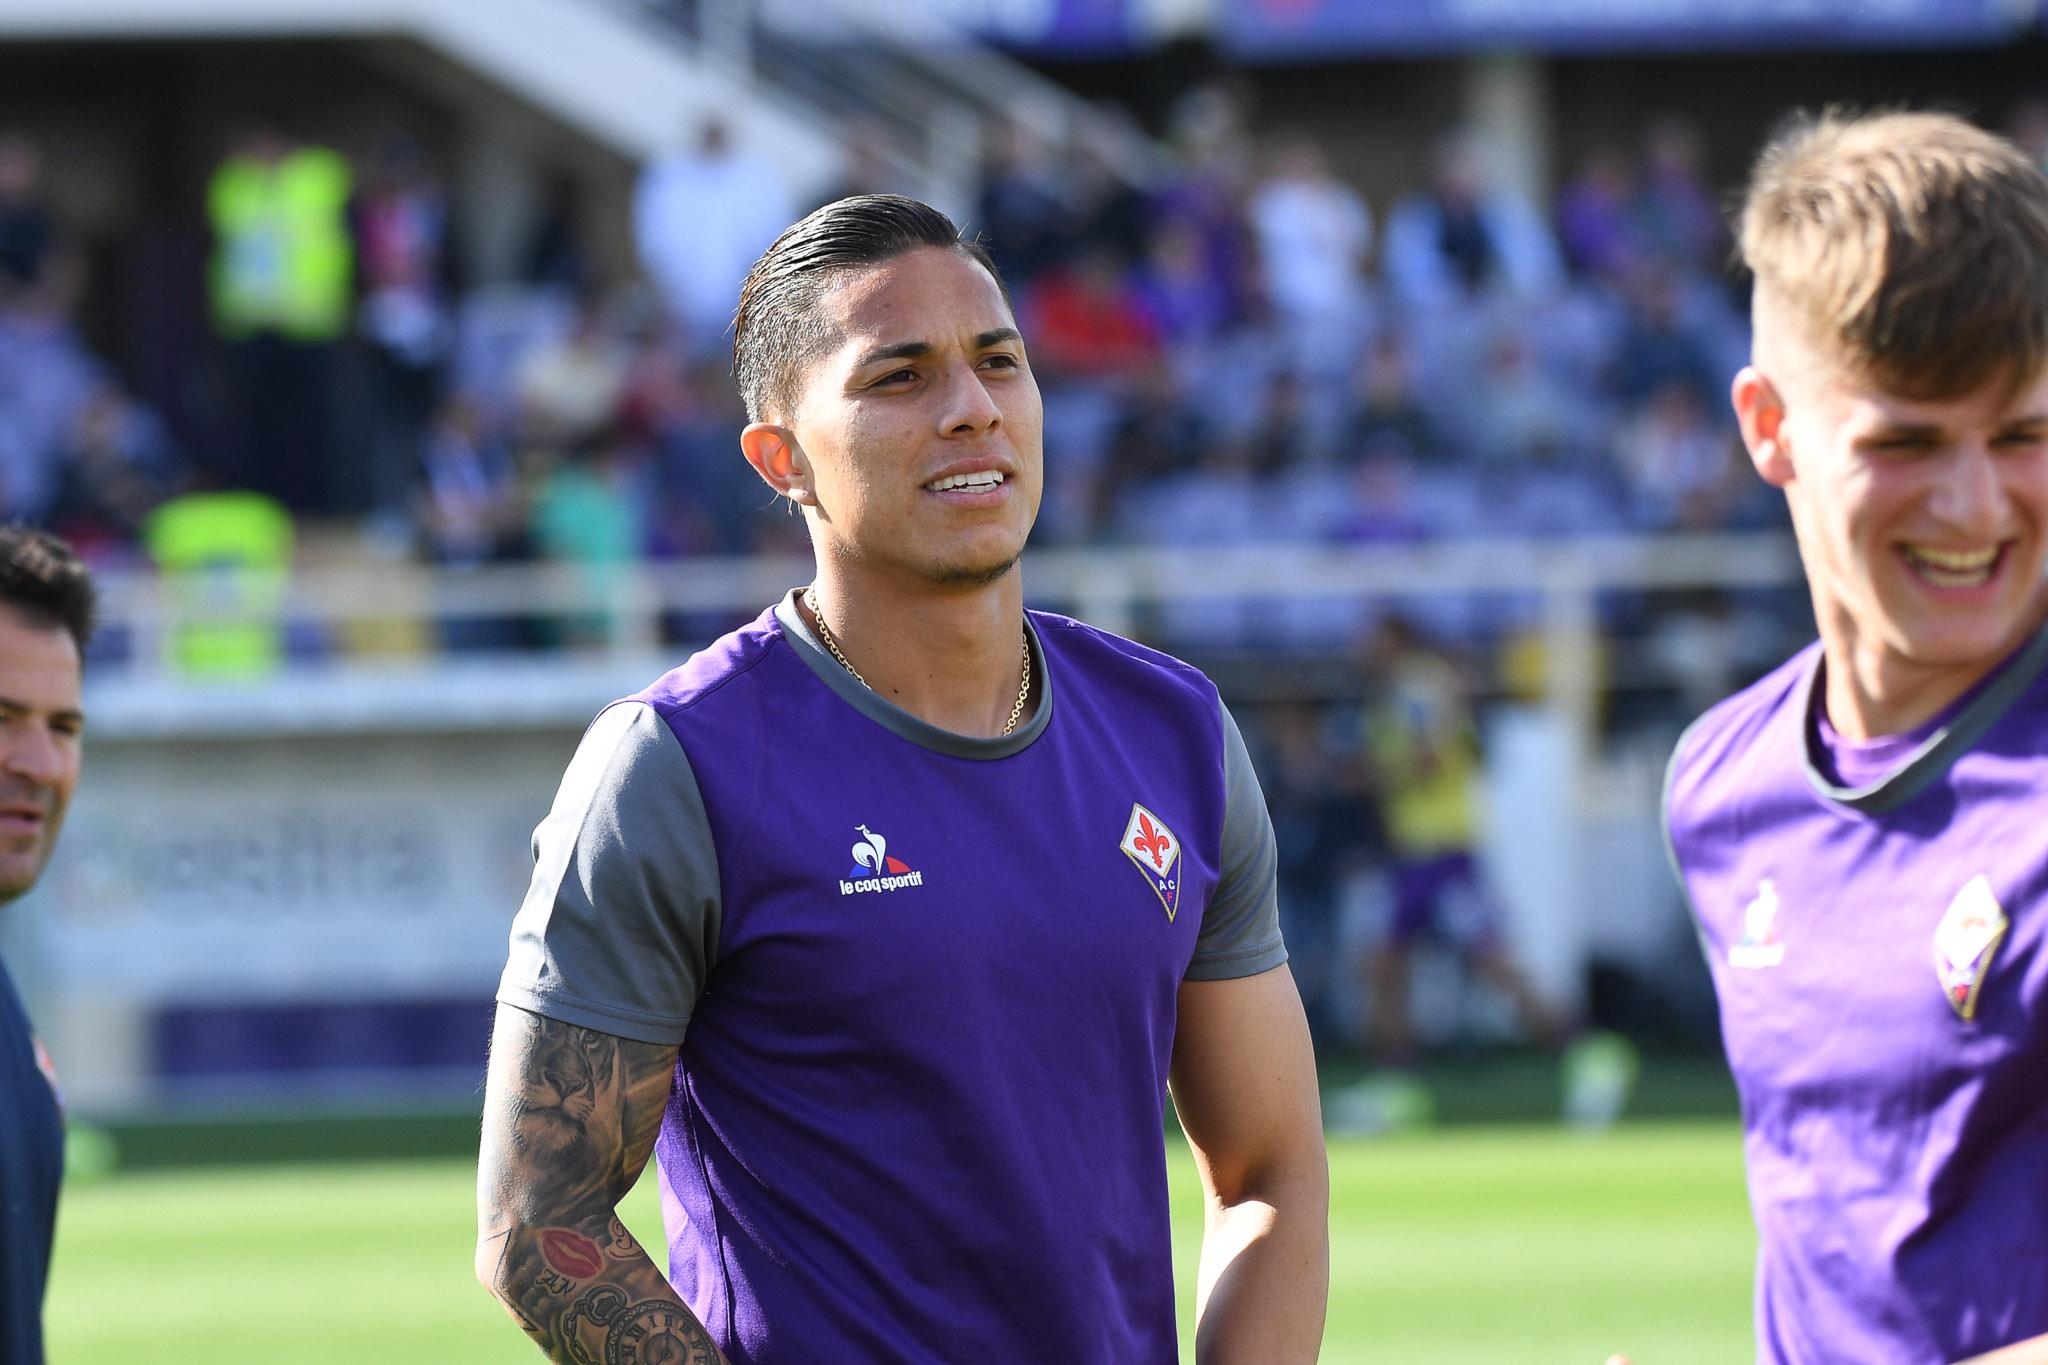 """La Fiorentina ha deciso di non riscattare Salcedo, lui si guarda intorno: """"Voglio giocare ancora in Europa"""""""